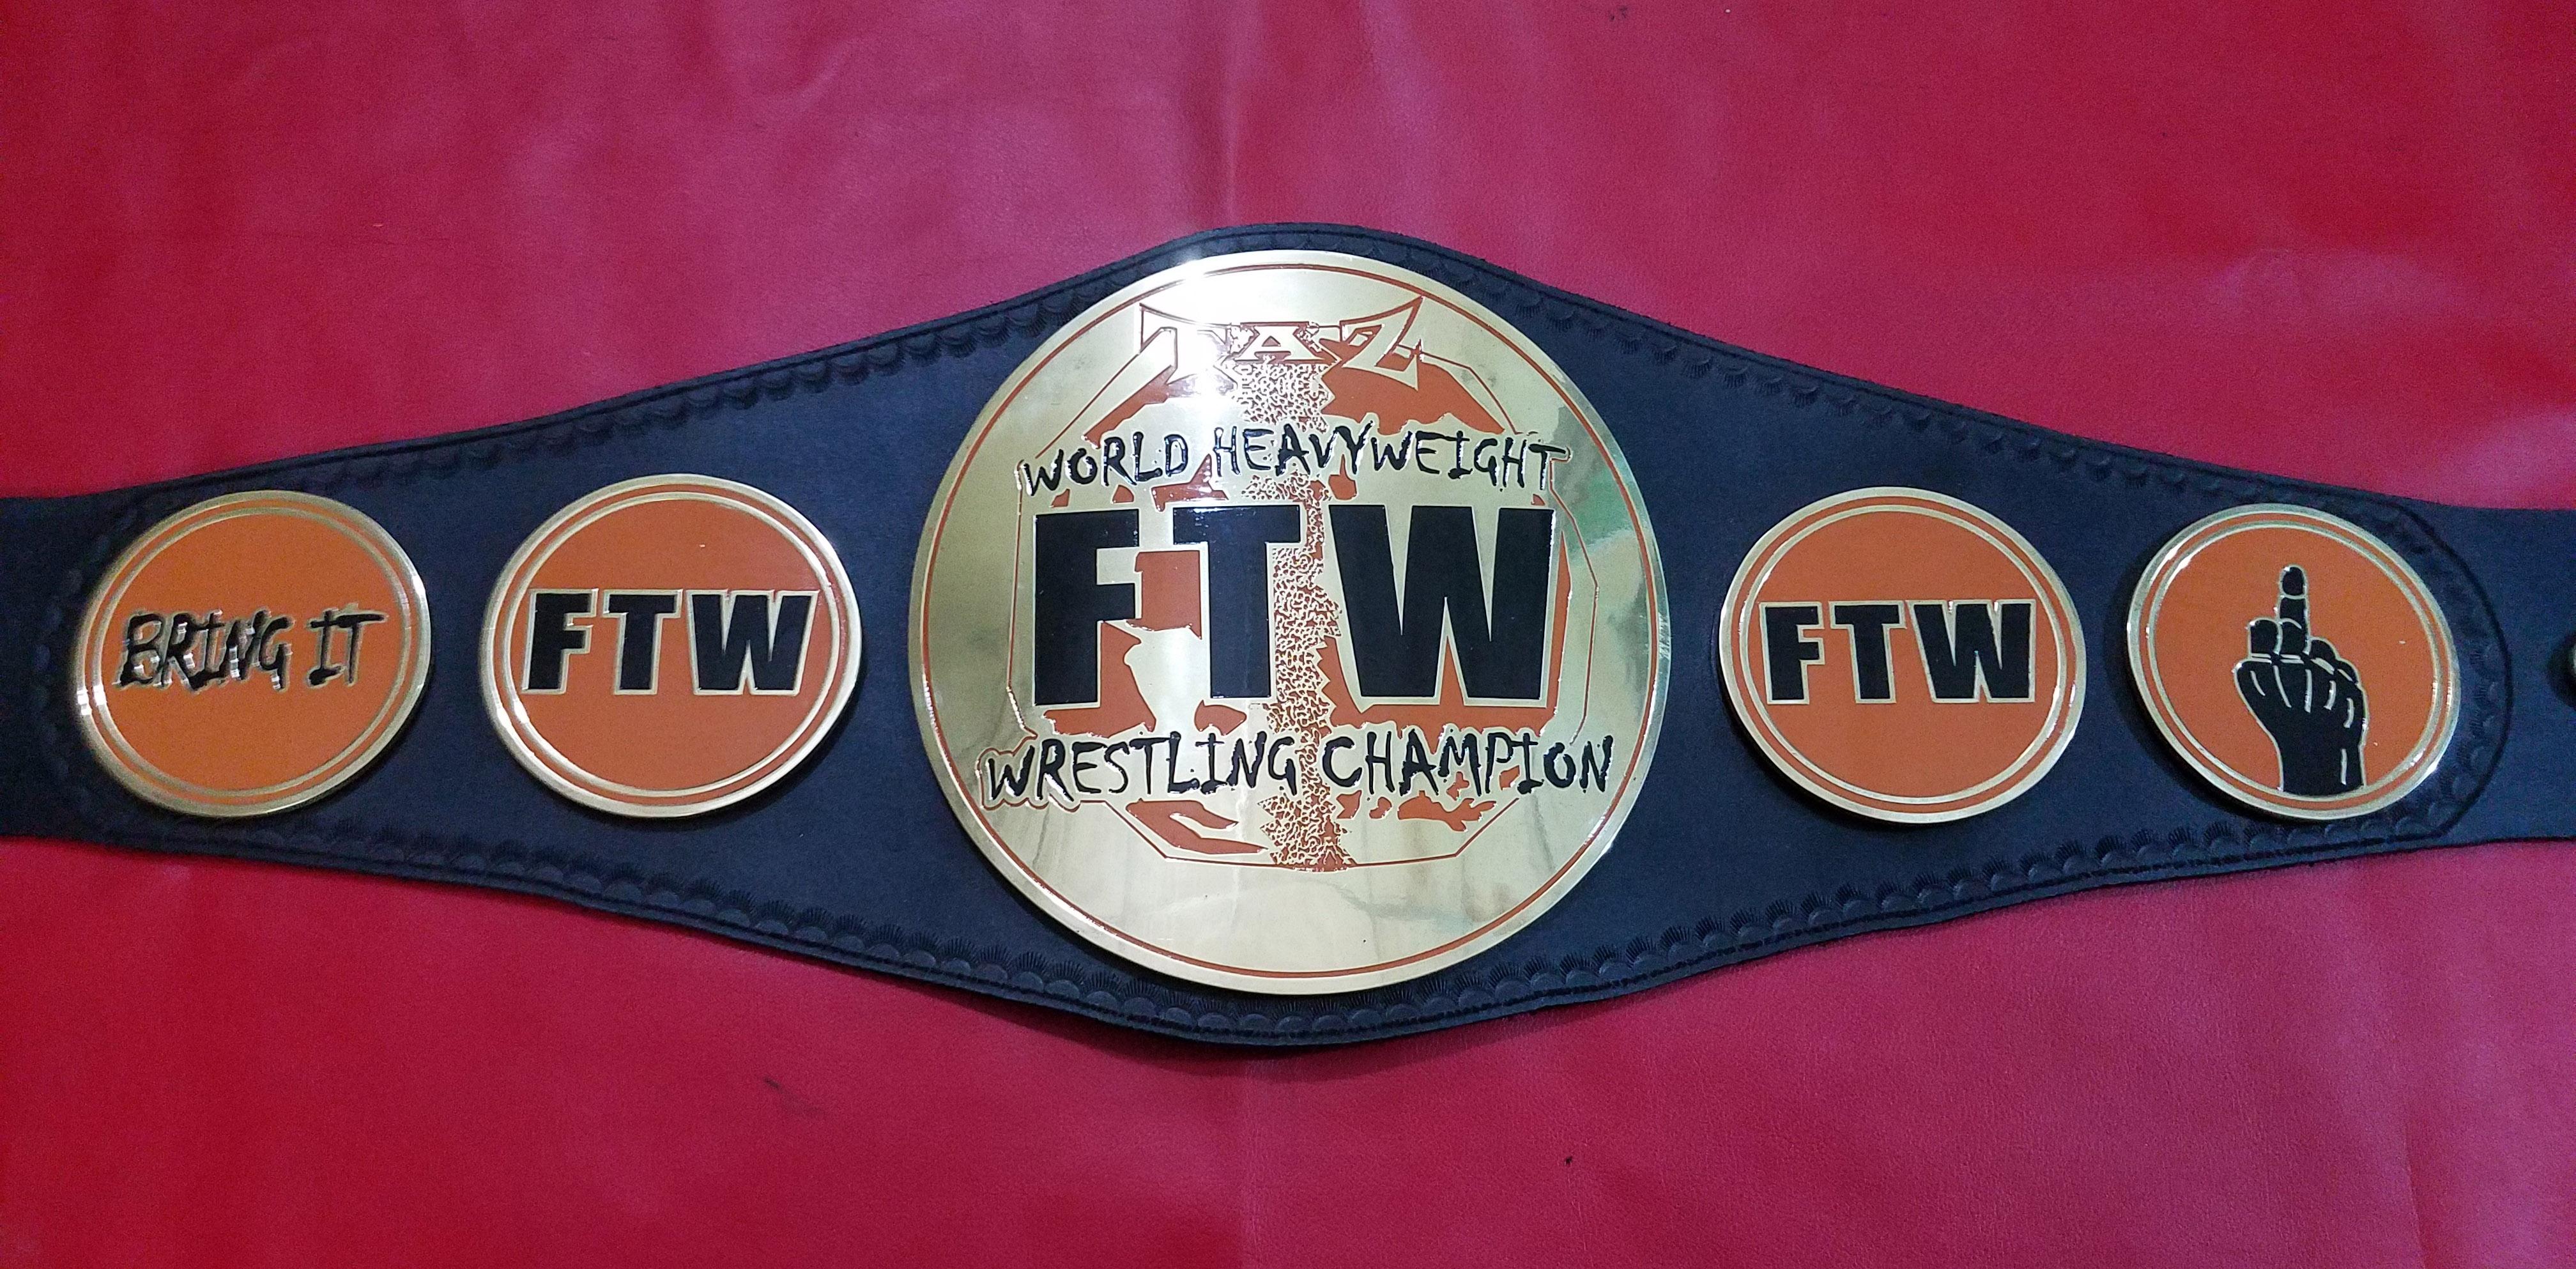 ftw-world-heavy-weight-championship-belt